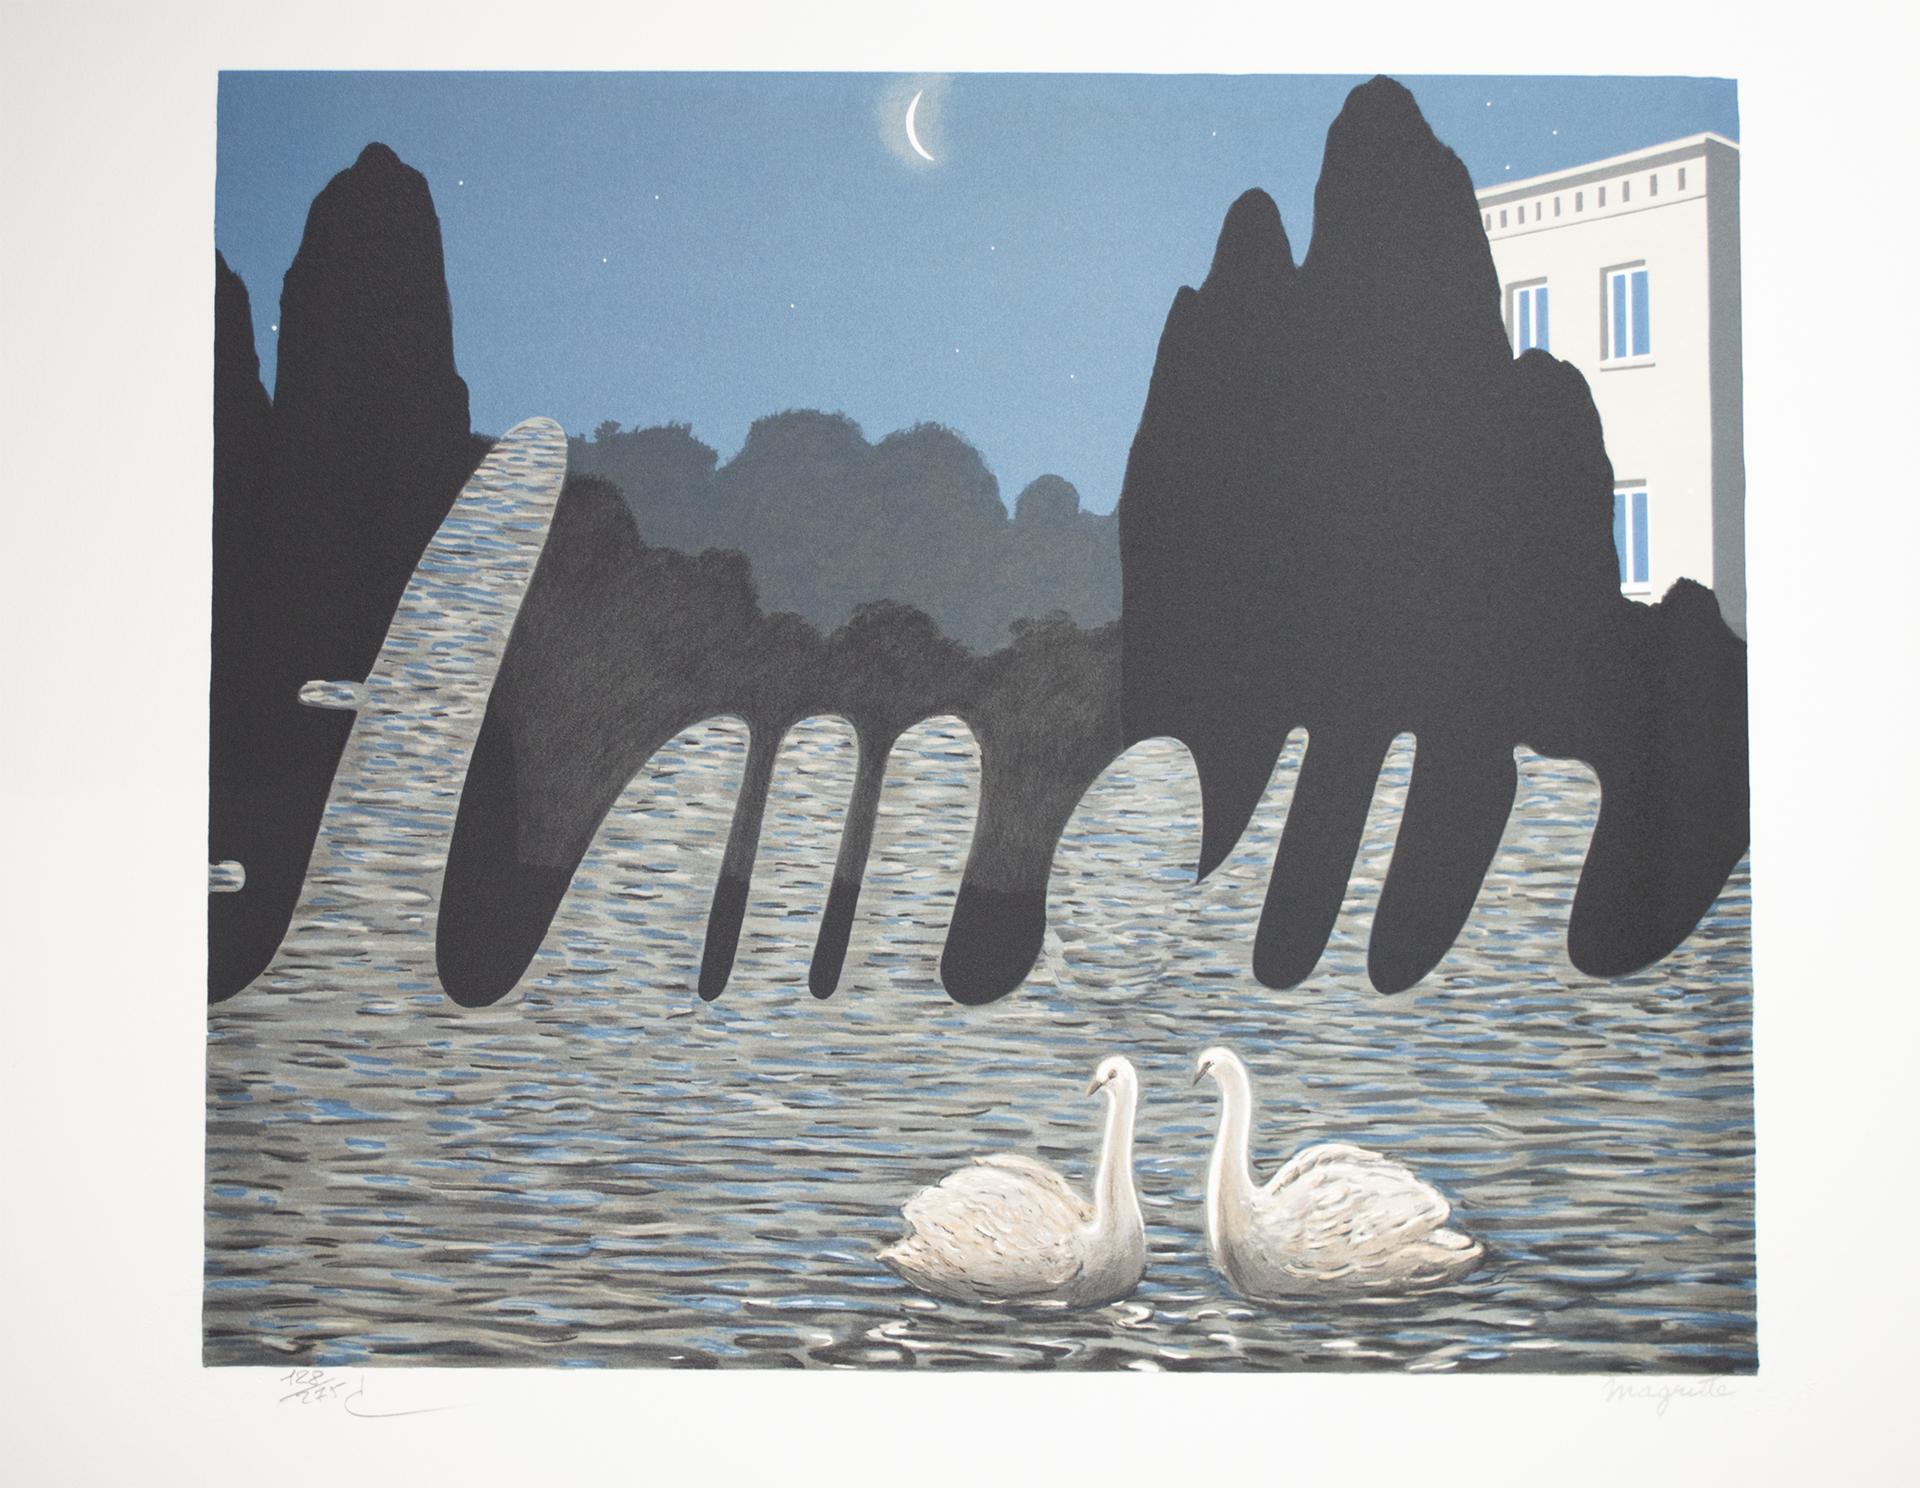 L'Art de la conversation (The Art of Conversation) by Rene Magritte